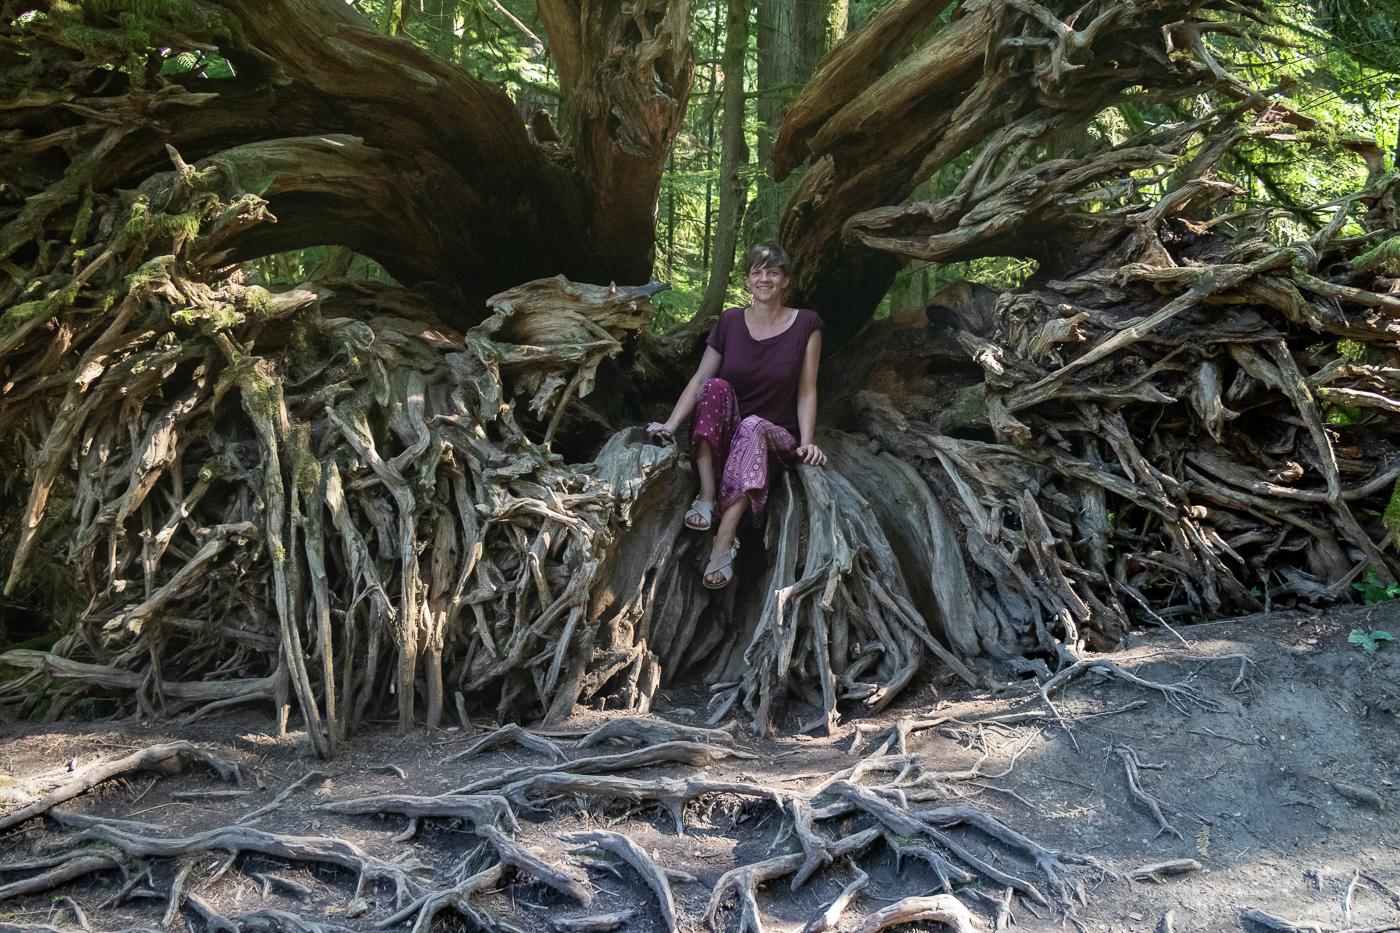 Die Wurzel dieses umgestürzten Baums ist ein beliebter Fotoplatz.